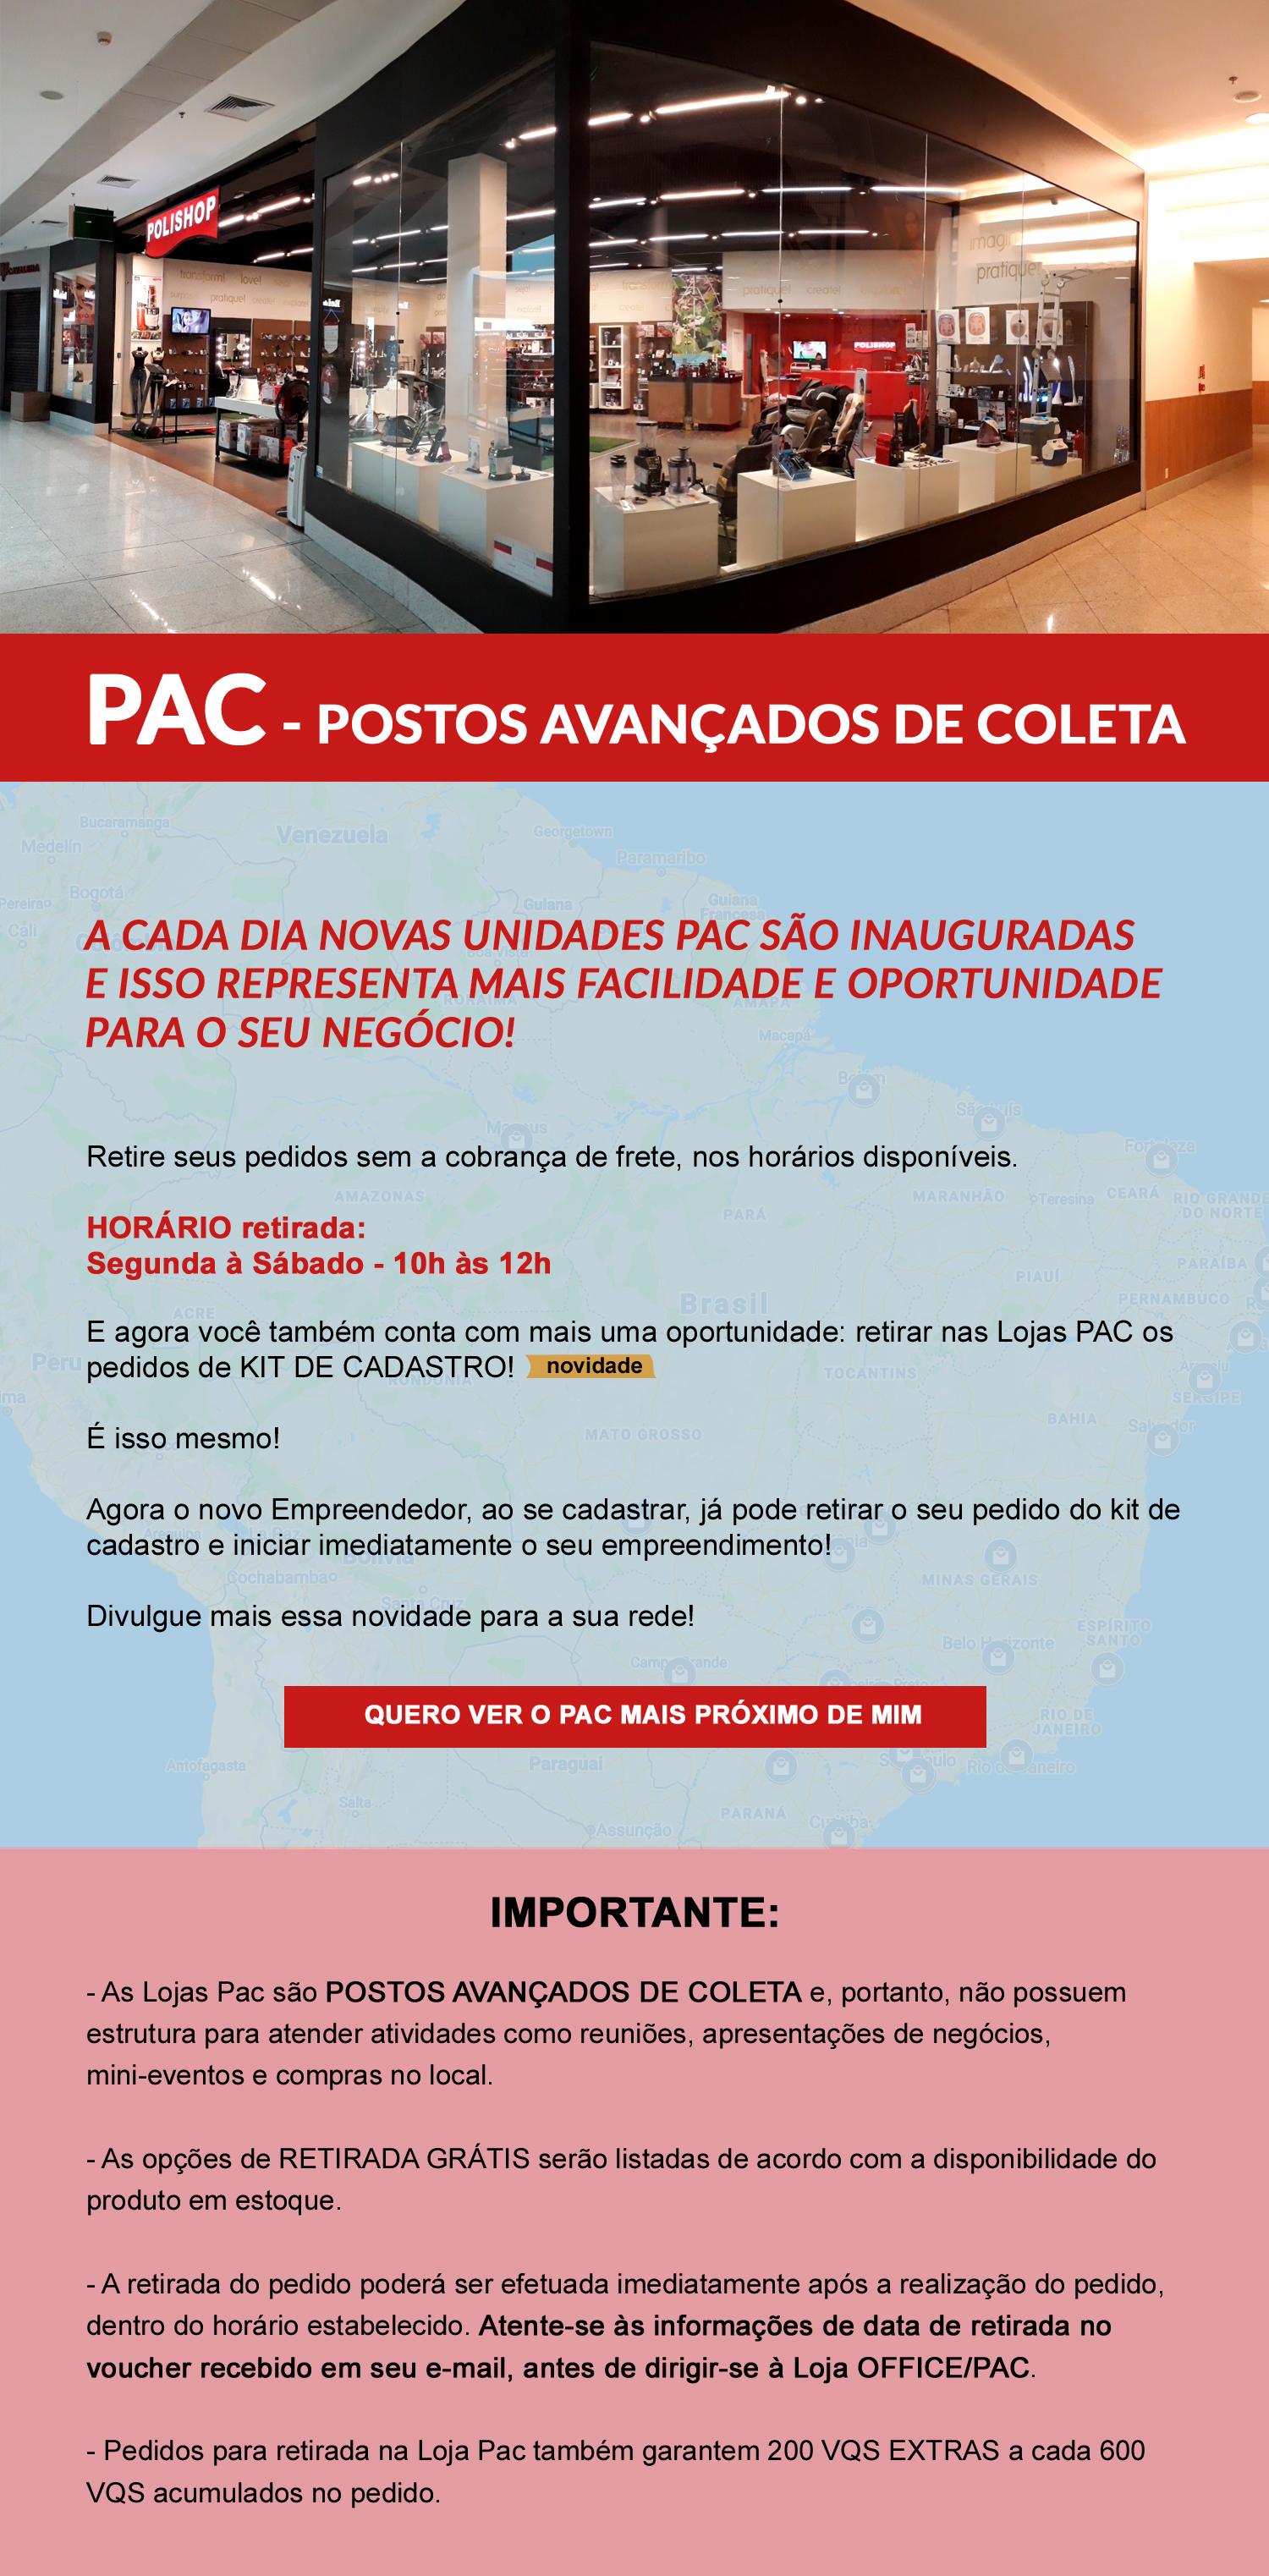 pac_001